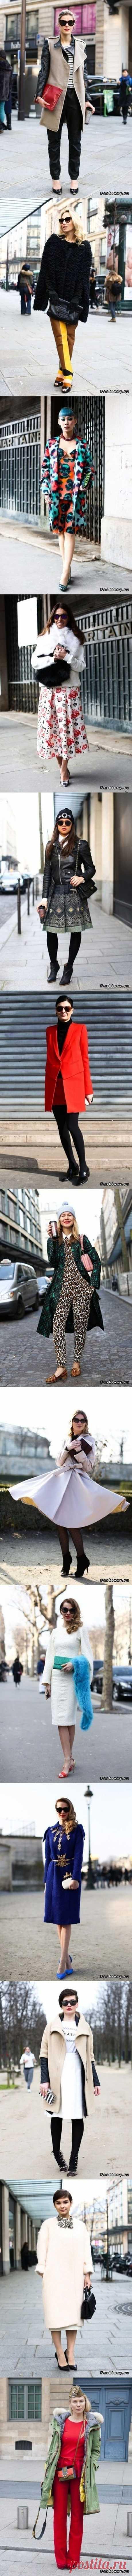 La semana parisiense de la moda 2013-2014